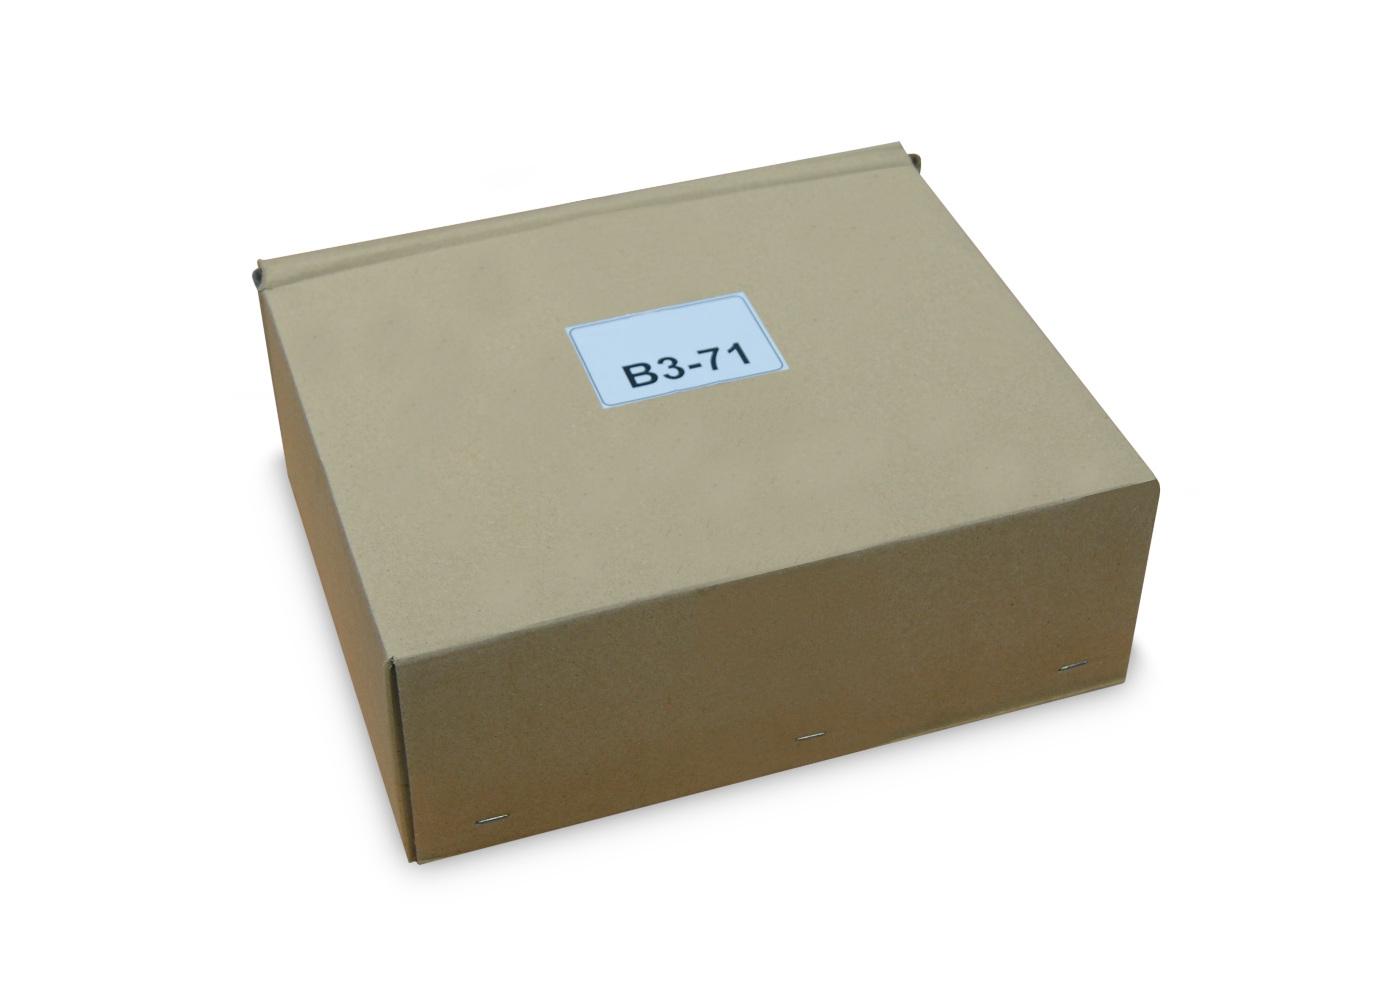 Упаковка для В3-71